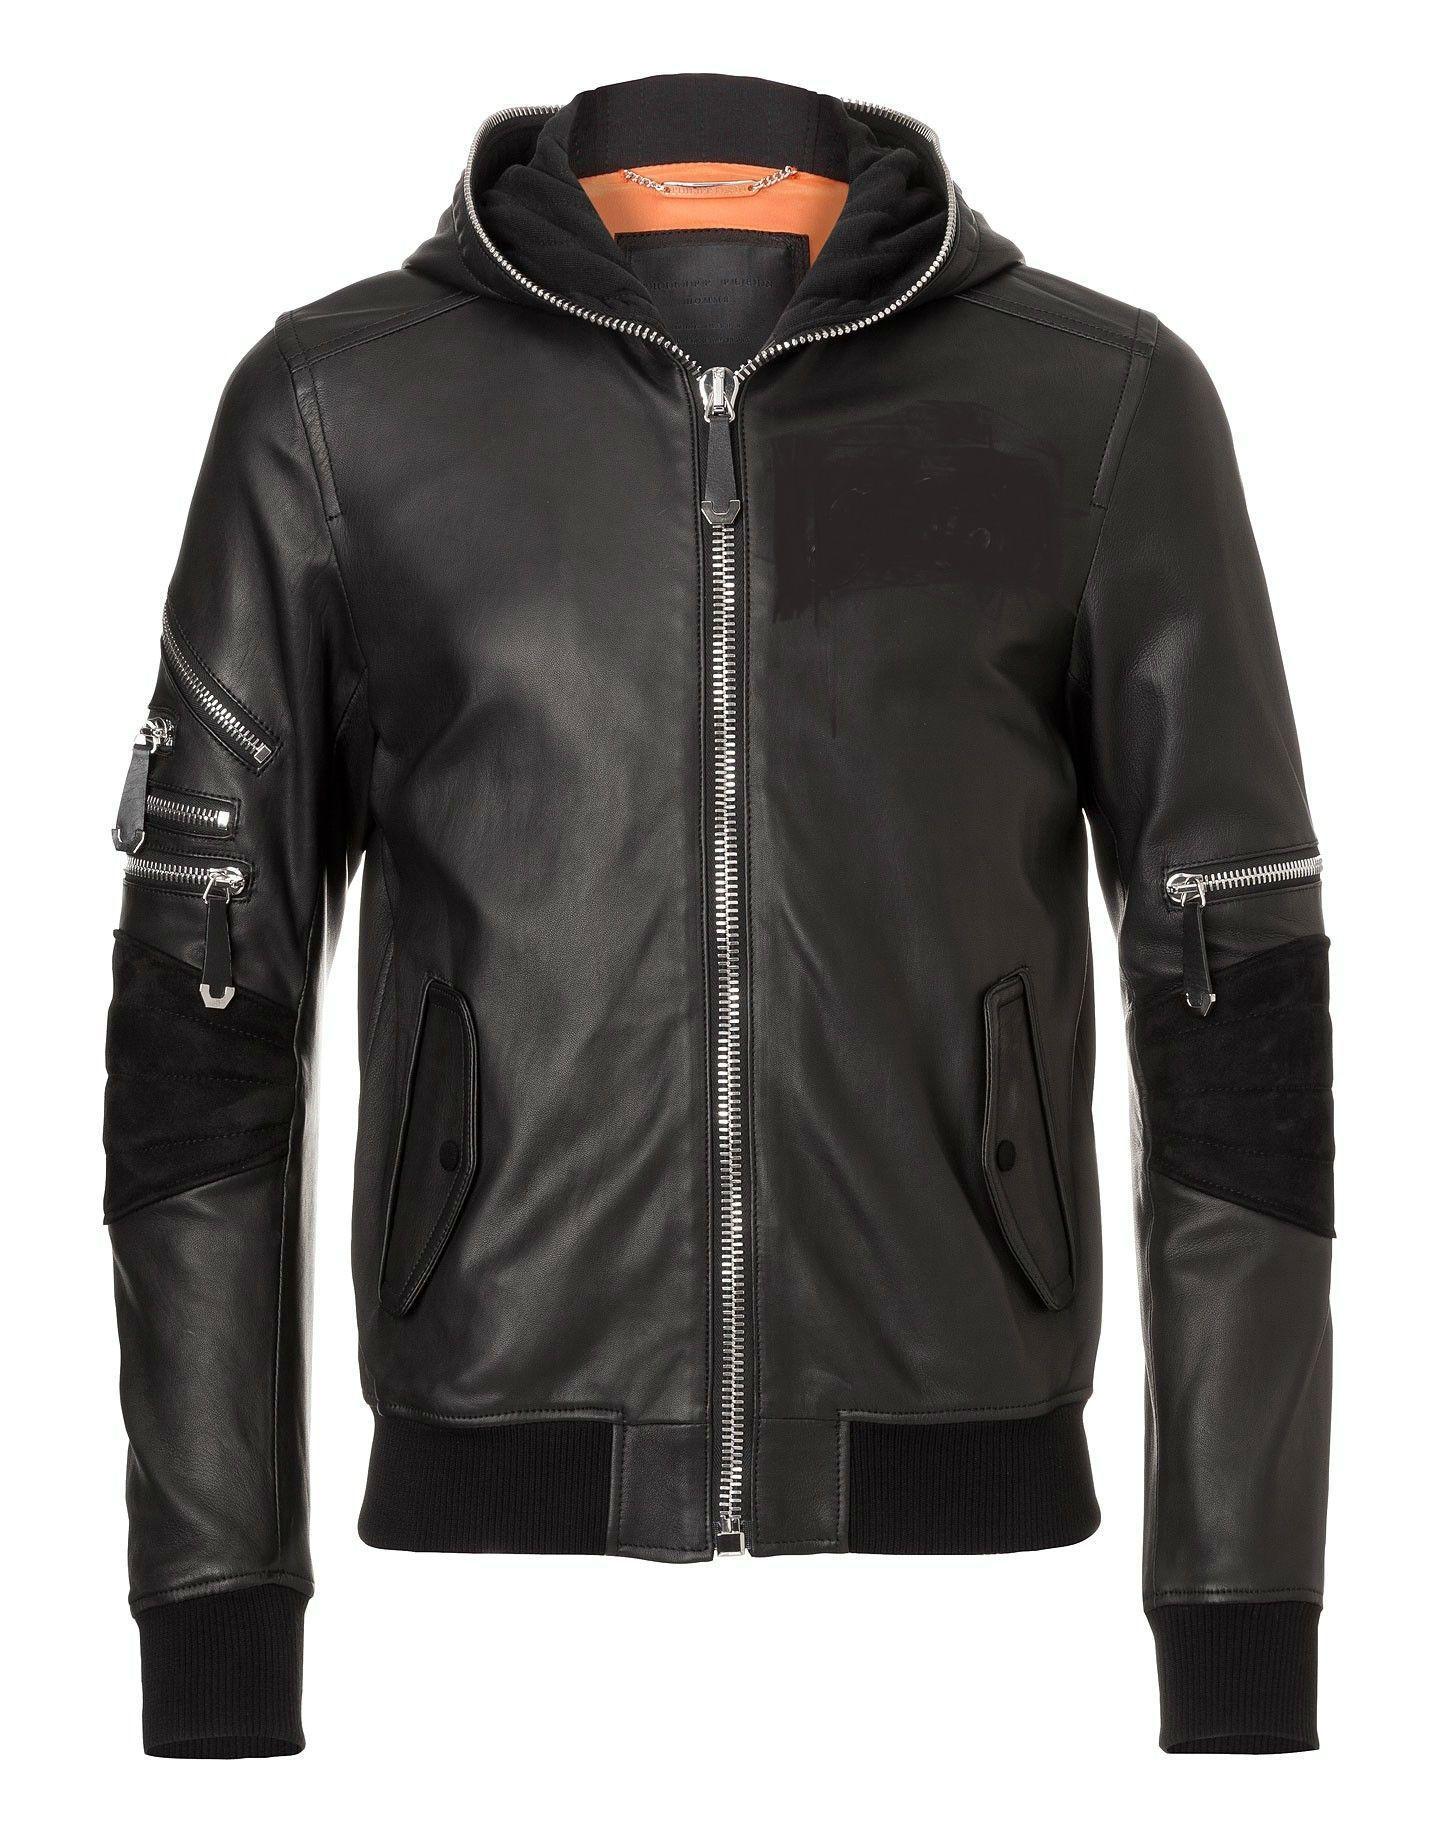 Mens Black Bomber Fashion Stylish Leather Jacket Stylish Leather Jacket Leather Jacket Men Style Men S Leather Jacket [ 1832 x 1440 Pixel ]